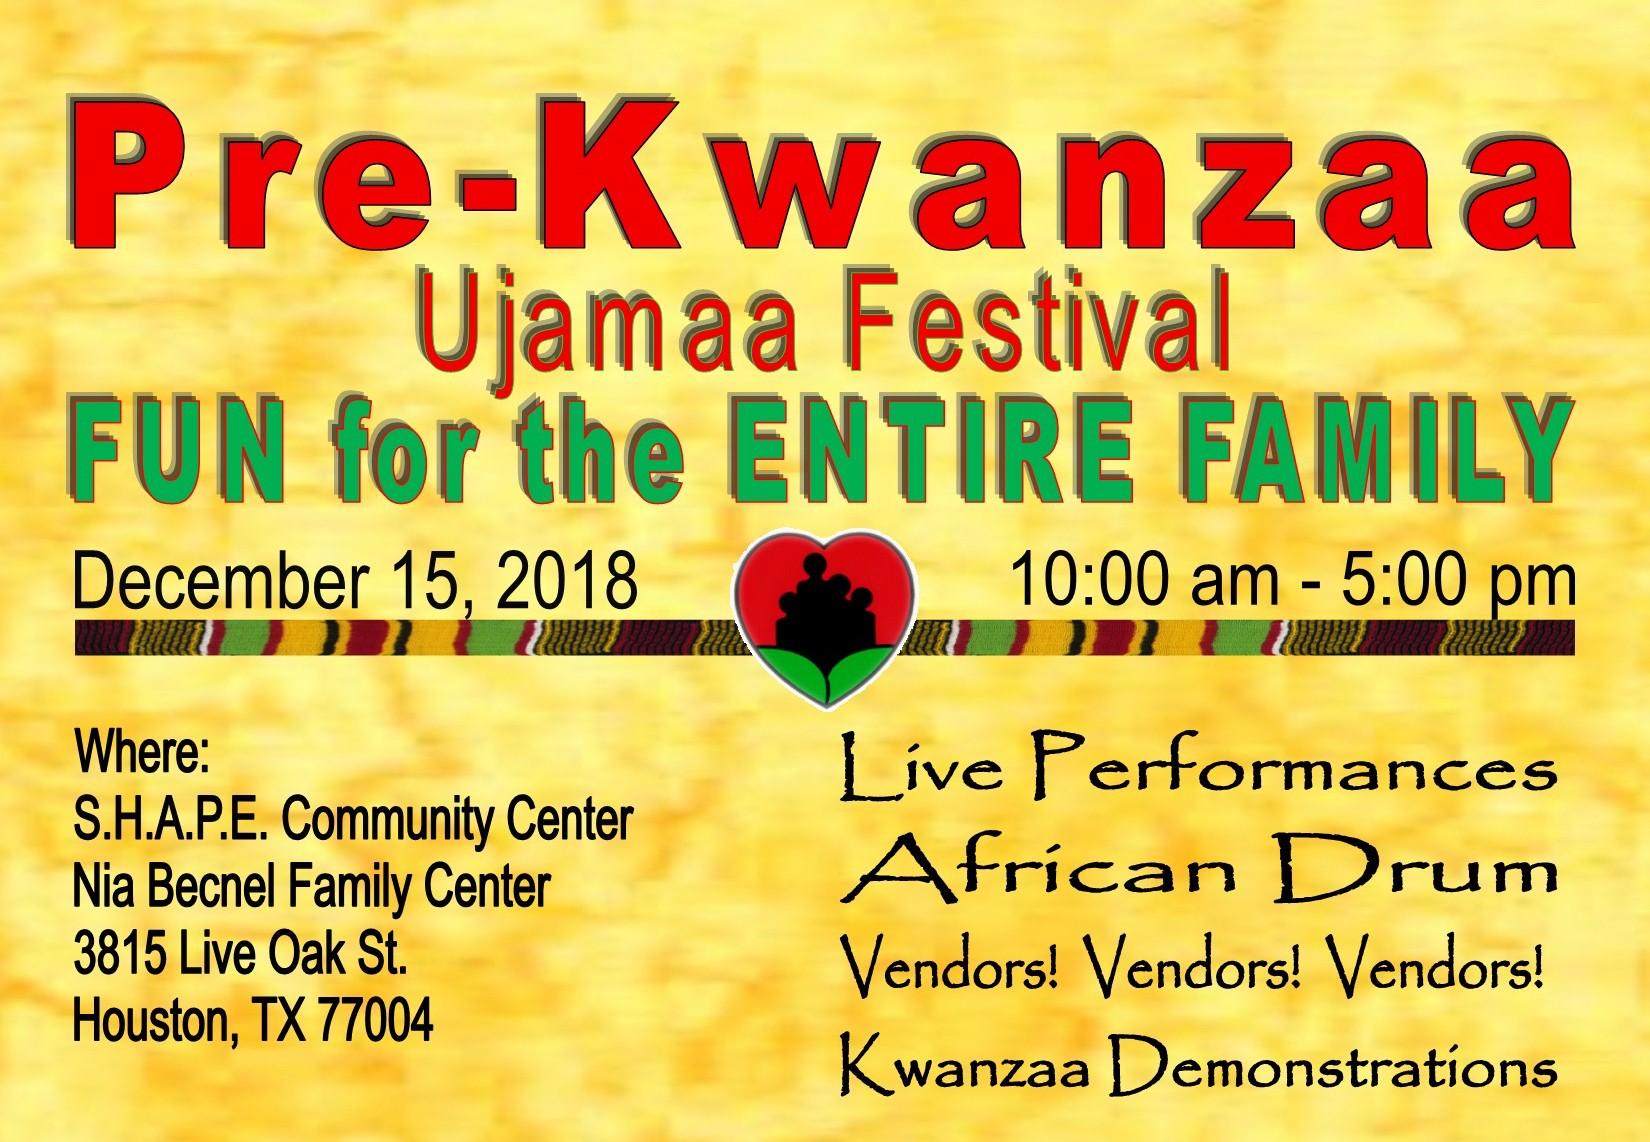 Pre-Kwanzaa Ujamaa Festival